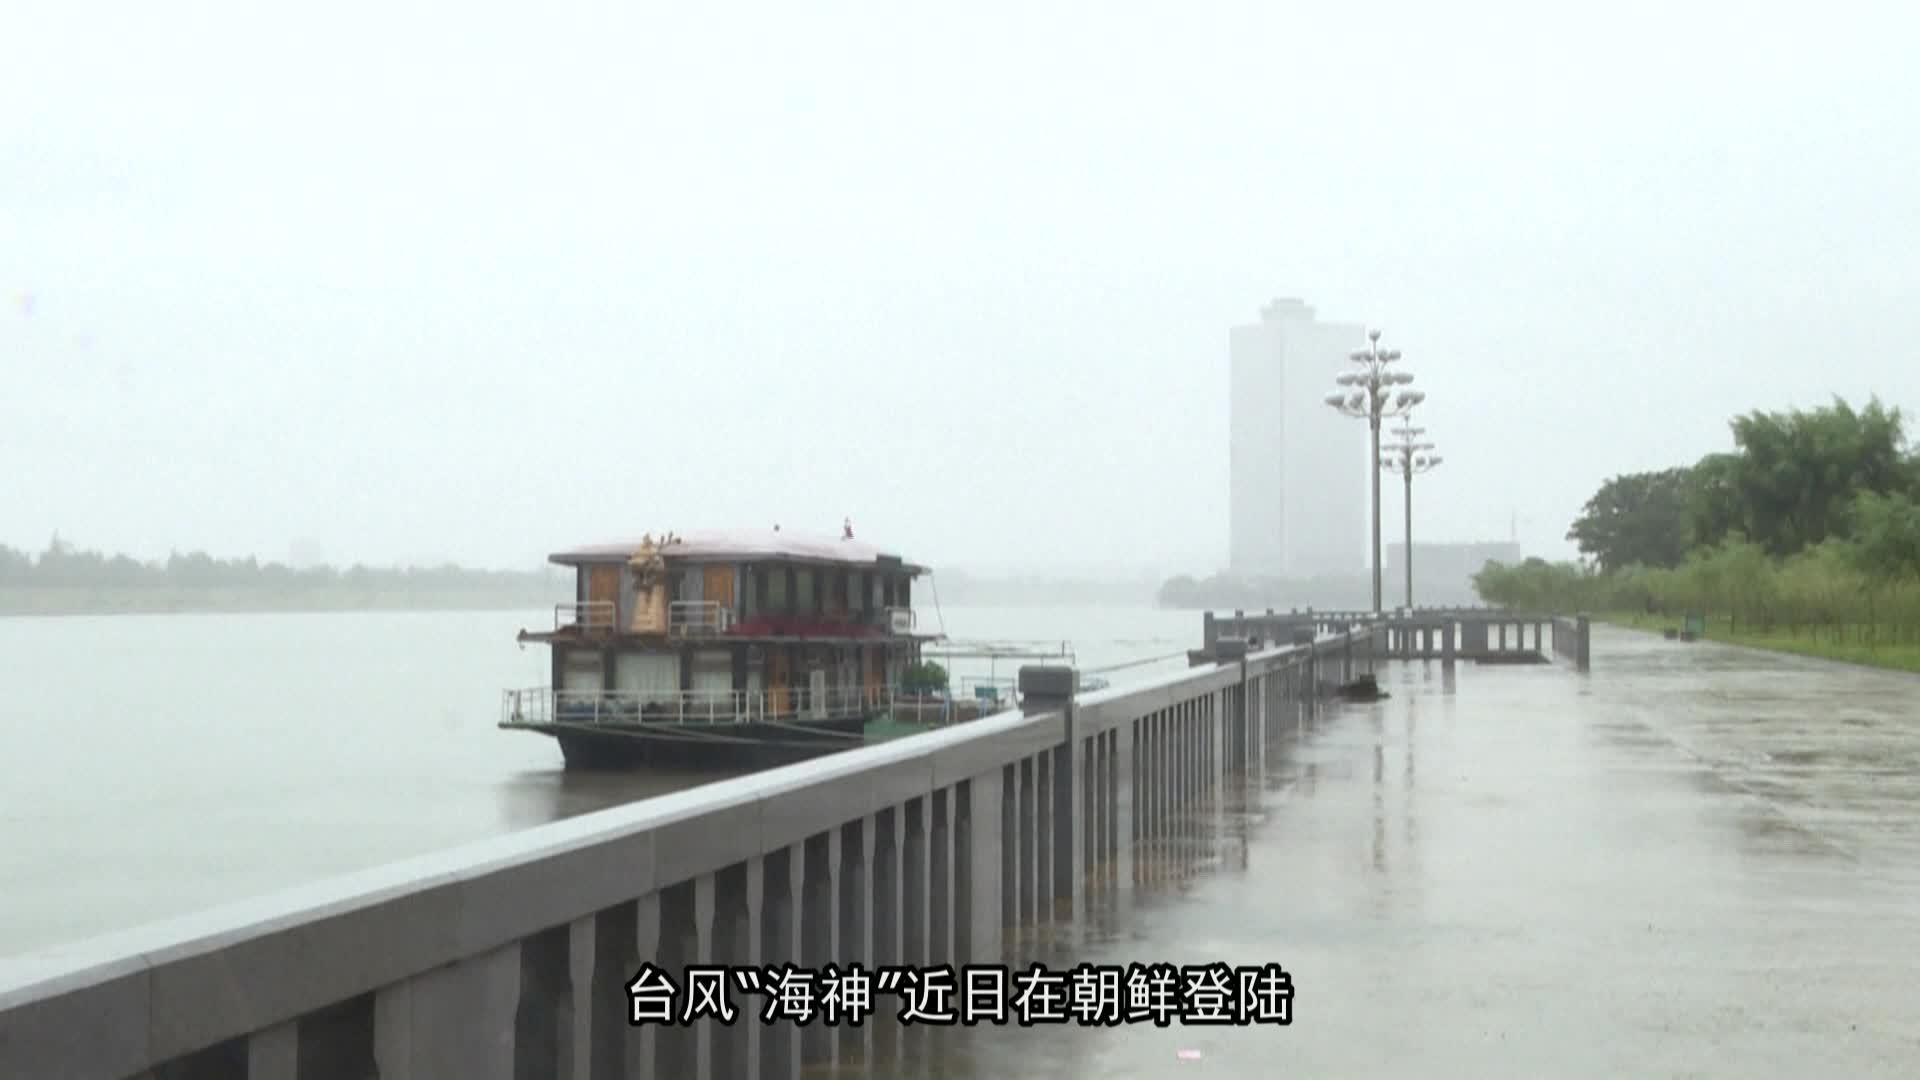 强台风袭击朝鲜半岛 平壤迎来暴雨